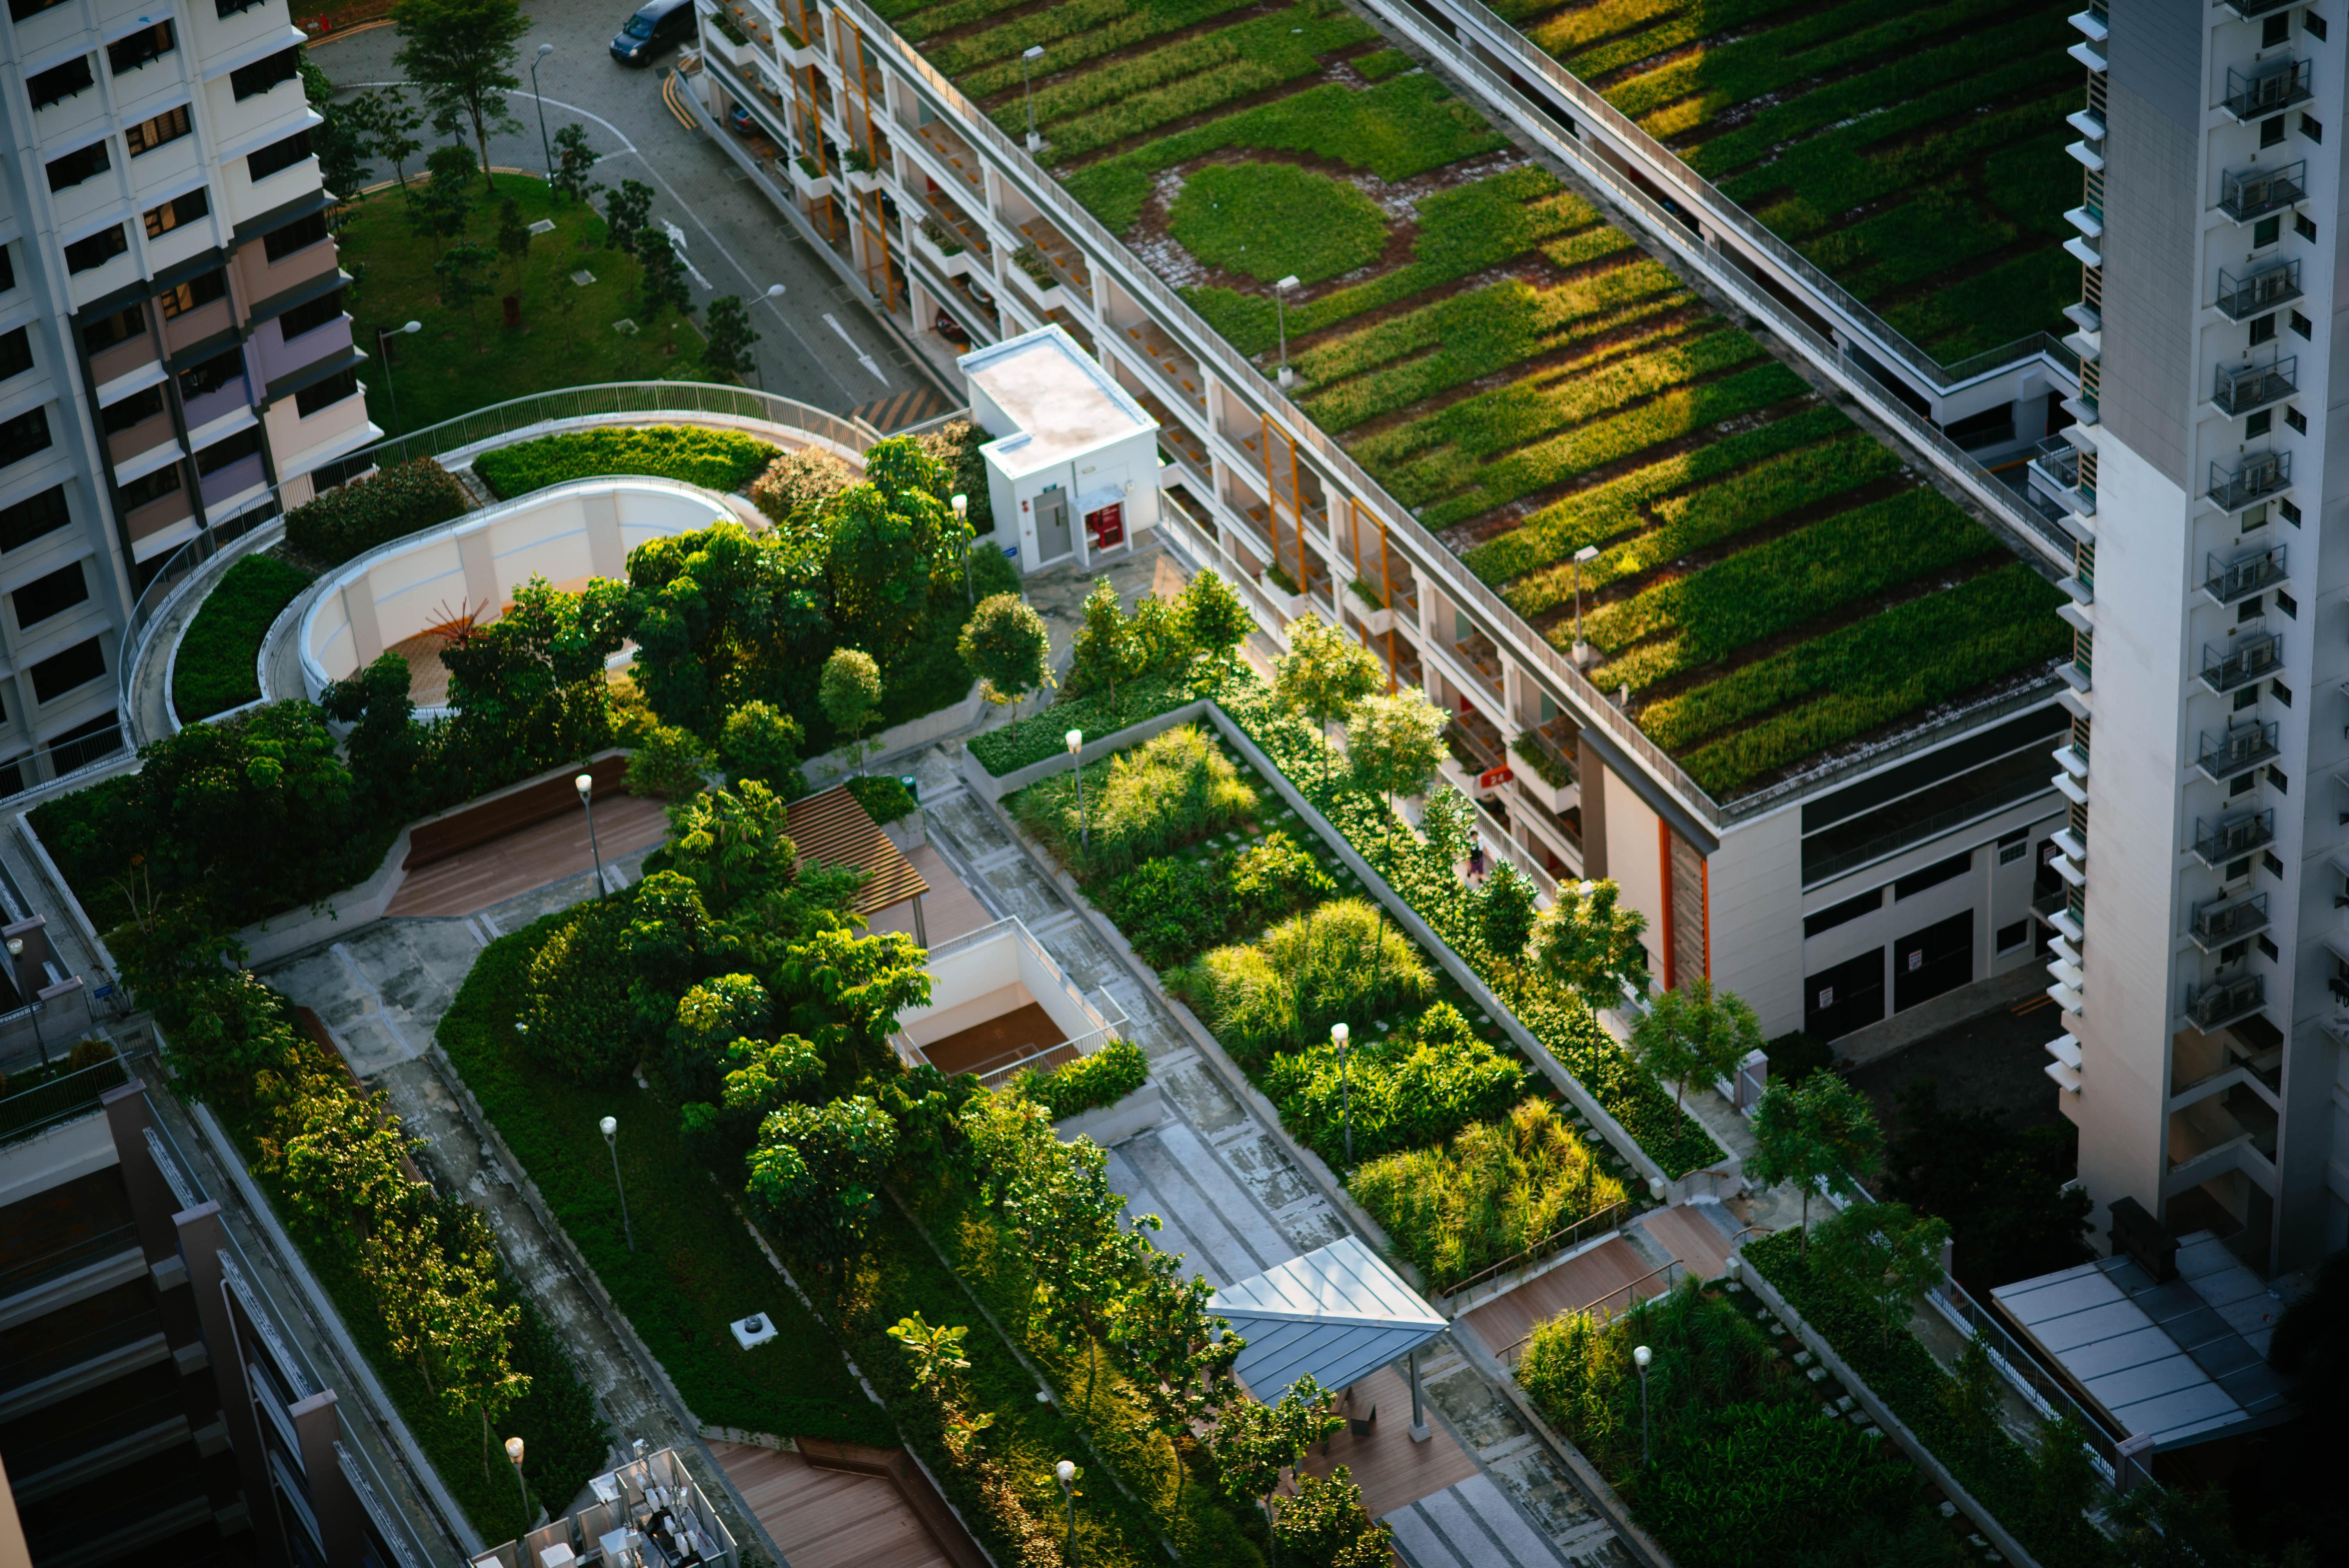 Mestrado em Cidades Sustentáveis e Inteligentes em Coimbra